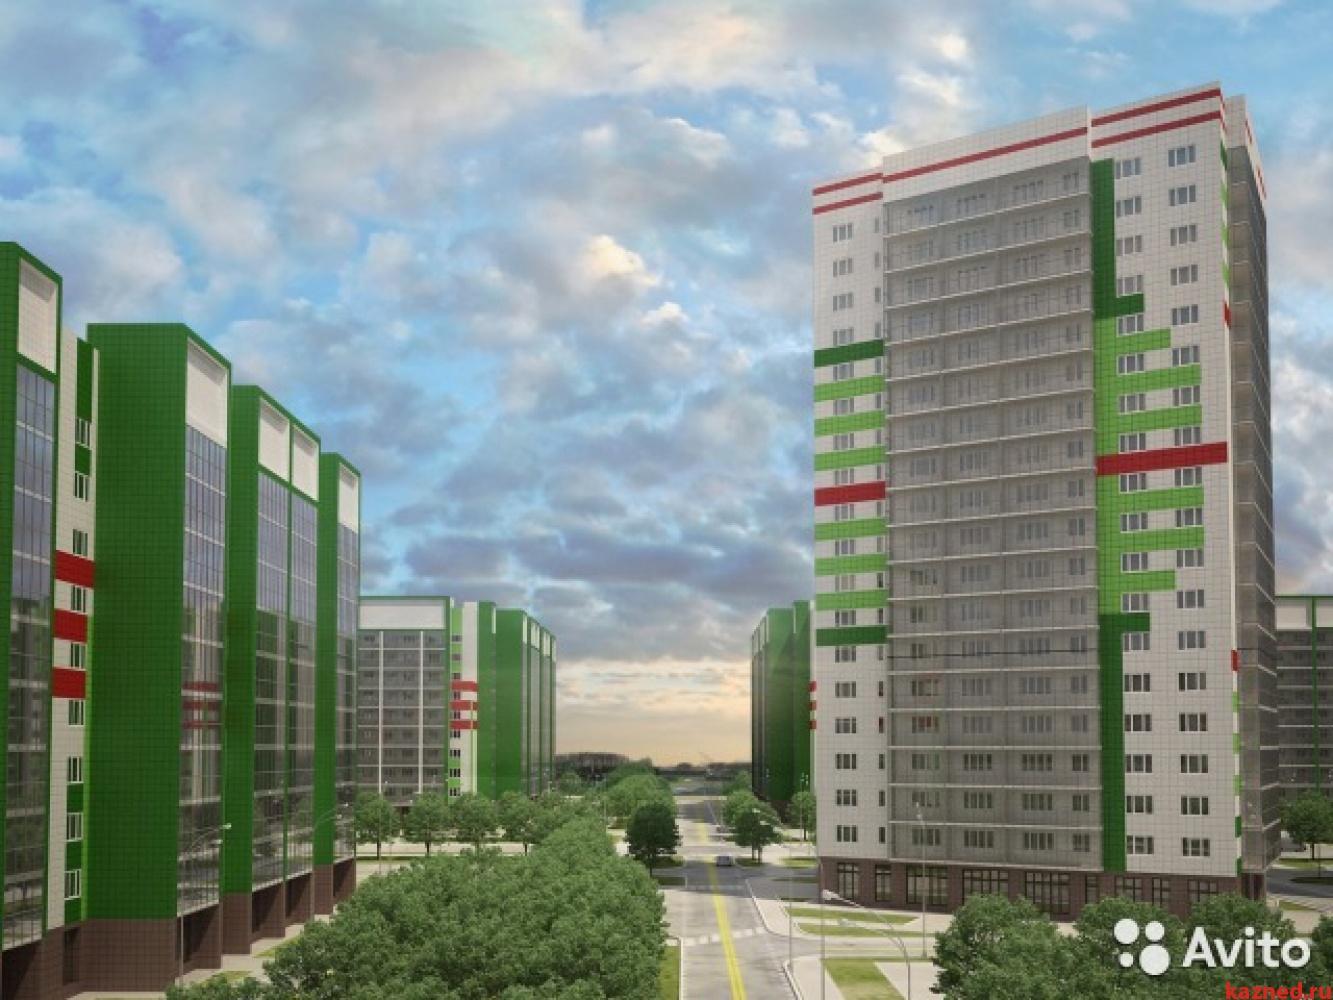 Продажа 2-к квартиры Мамадышский тракт SELGROS, 55 м2  (миниатюра №2)